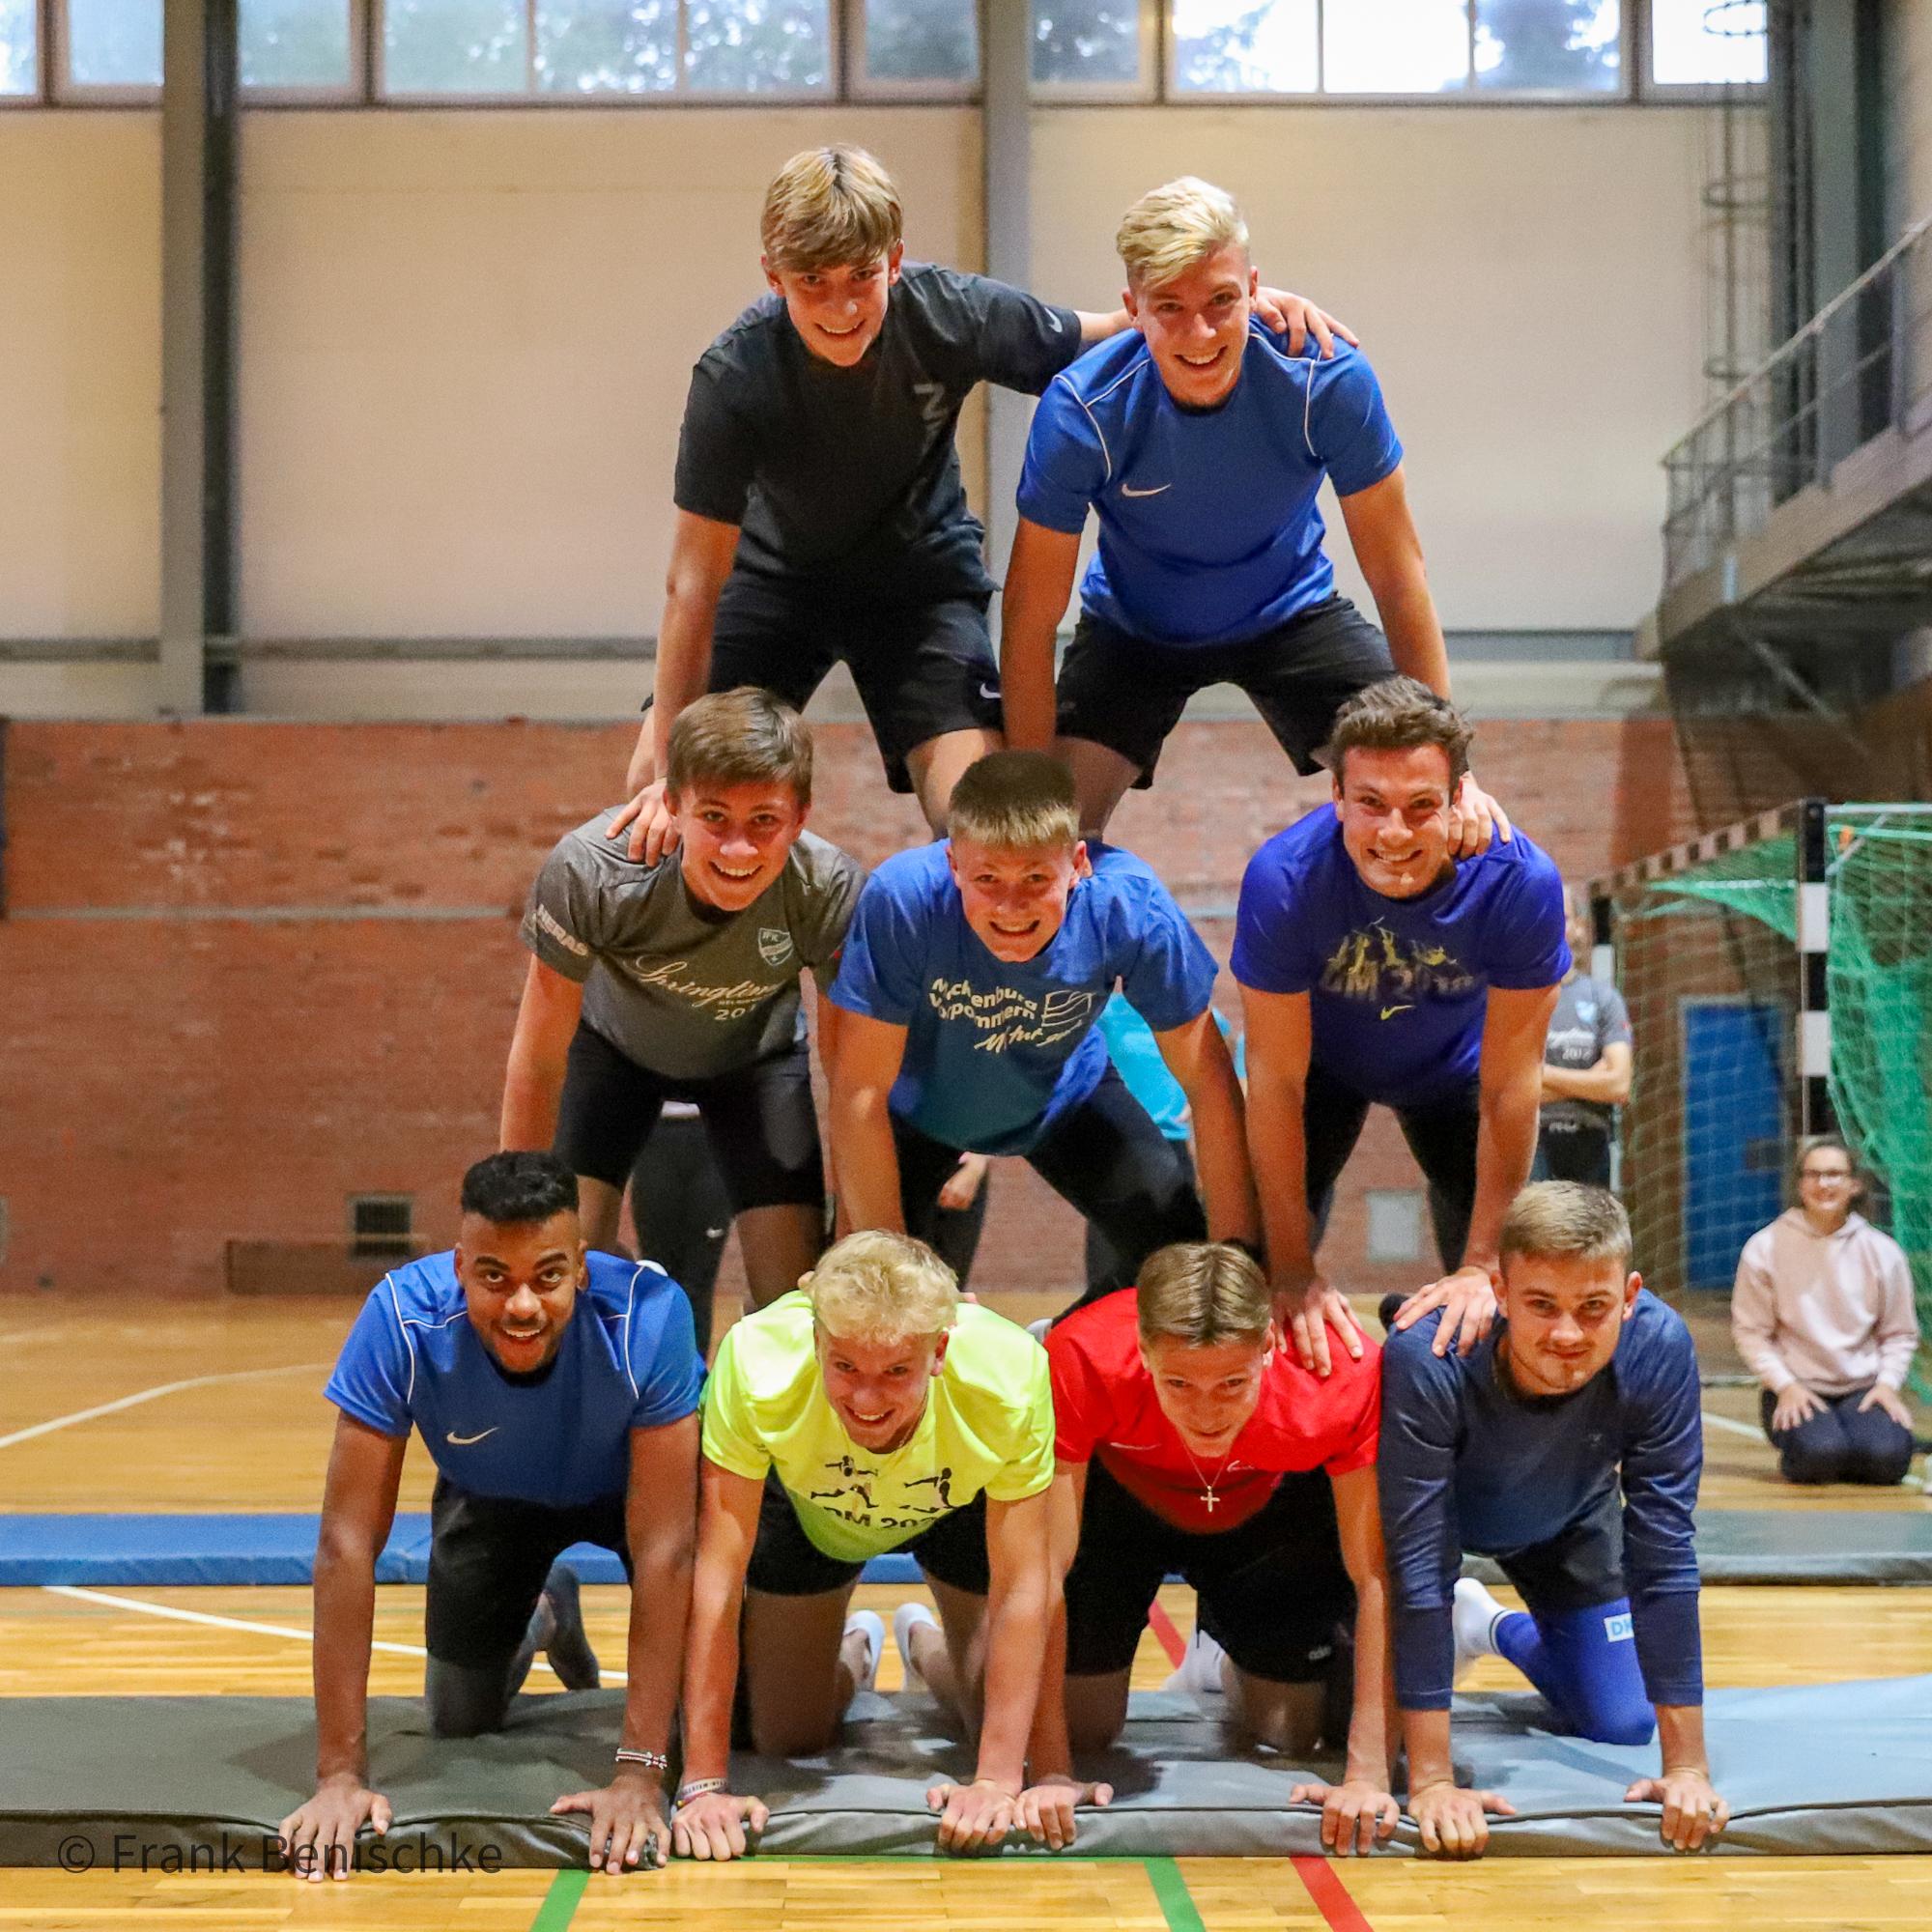 2020-09-26_Trainingslager-Zinnowitz - 20200926-IMG_1746